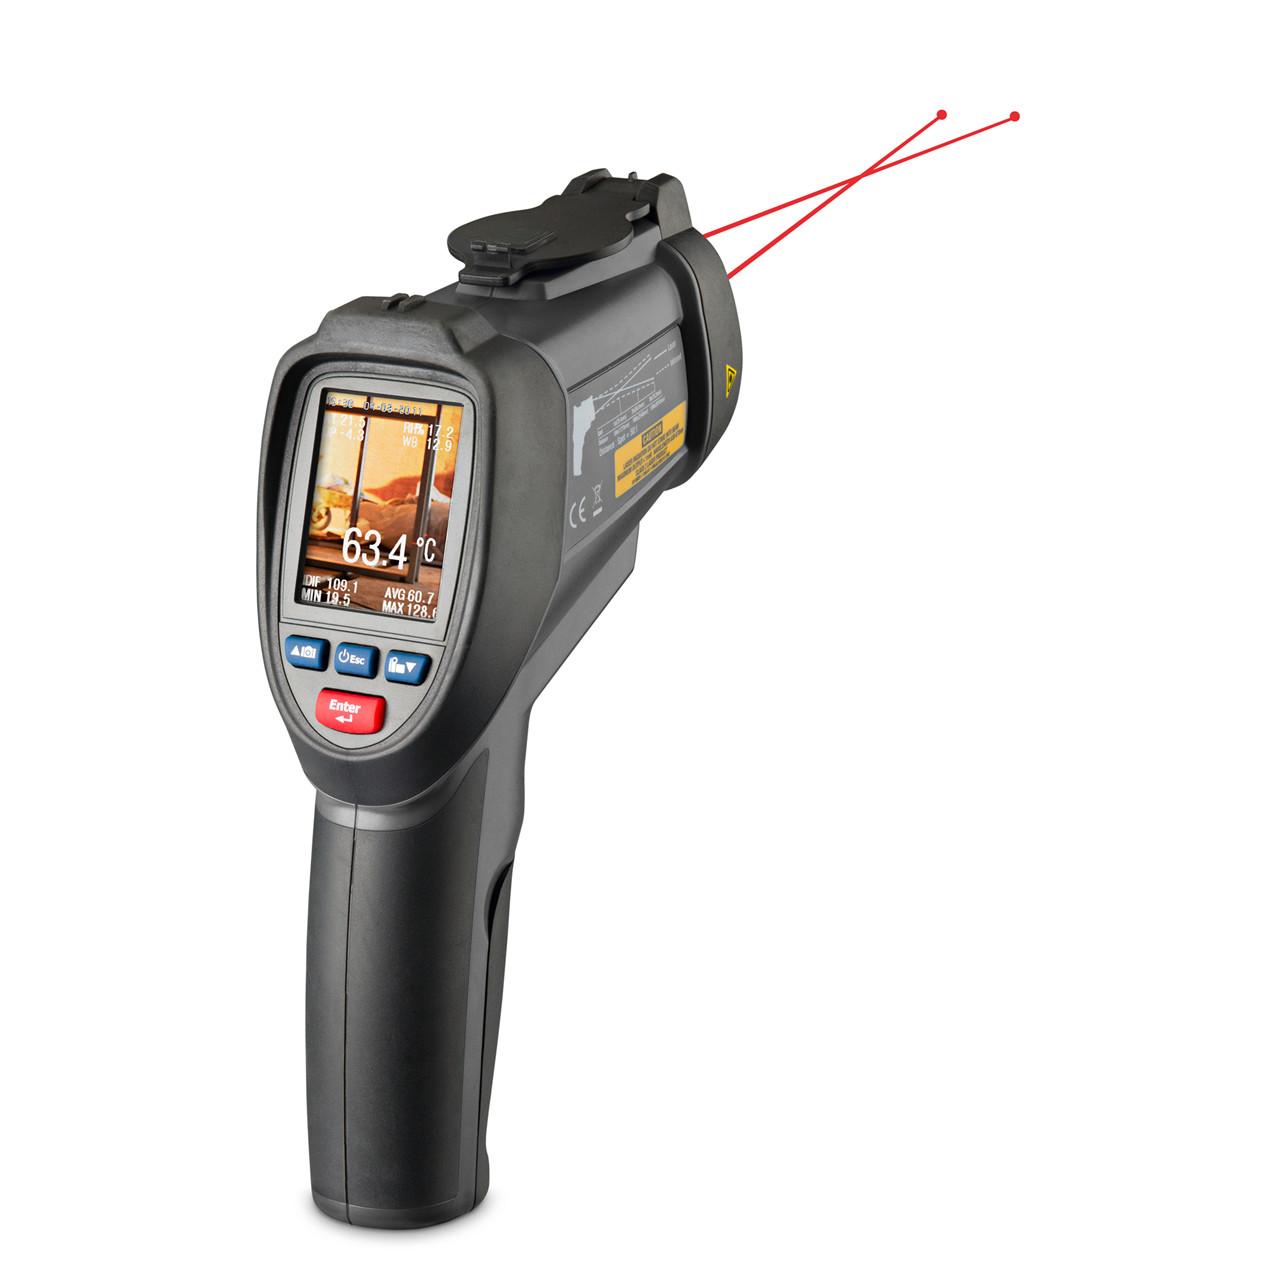 geoFENNEL Infrarød termometer FIRT 1000 DataVision - Værktøj -> Laser og måleinstrumenter -> Måleinstrumenter -> Infrarødt termometer|Værktøj -> Laser og måleinstrumenter -> Måleinstrumenter|Værktøj -> Laser og måleinstrumenter|Mærker -> geo-FENNEL -> geo-FENNEL Måleinstrumenter|Mærk